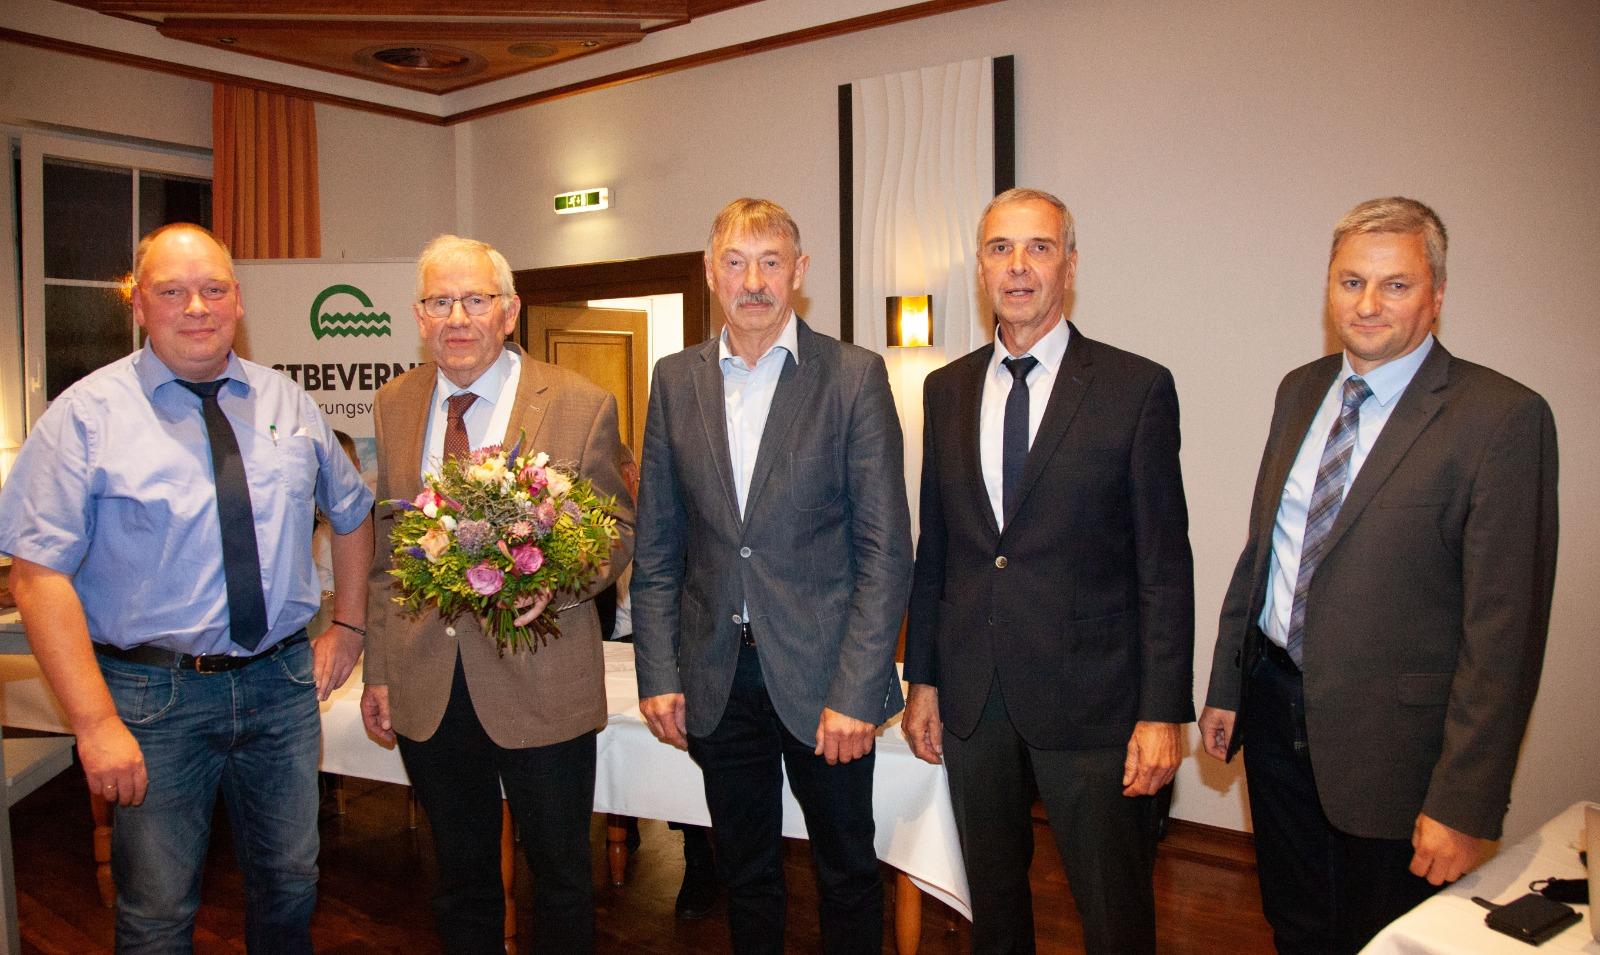 Verabschiedung von Tonius Hertleif (2. vl) und Werner Pohlmann (3.vl)